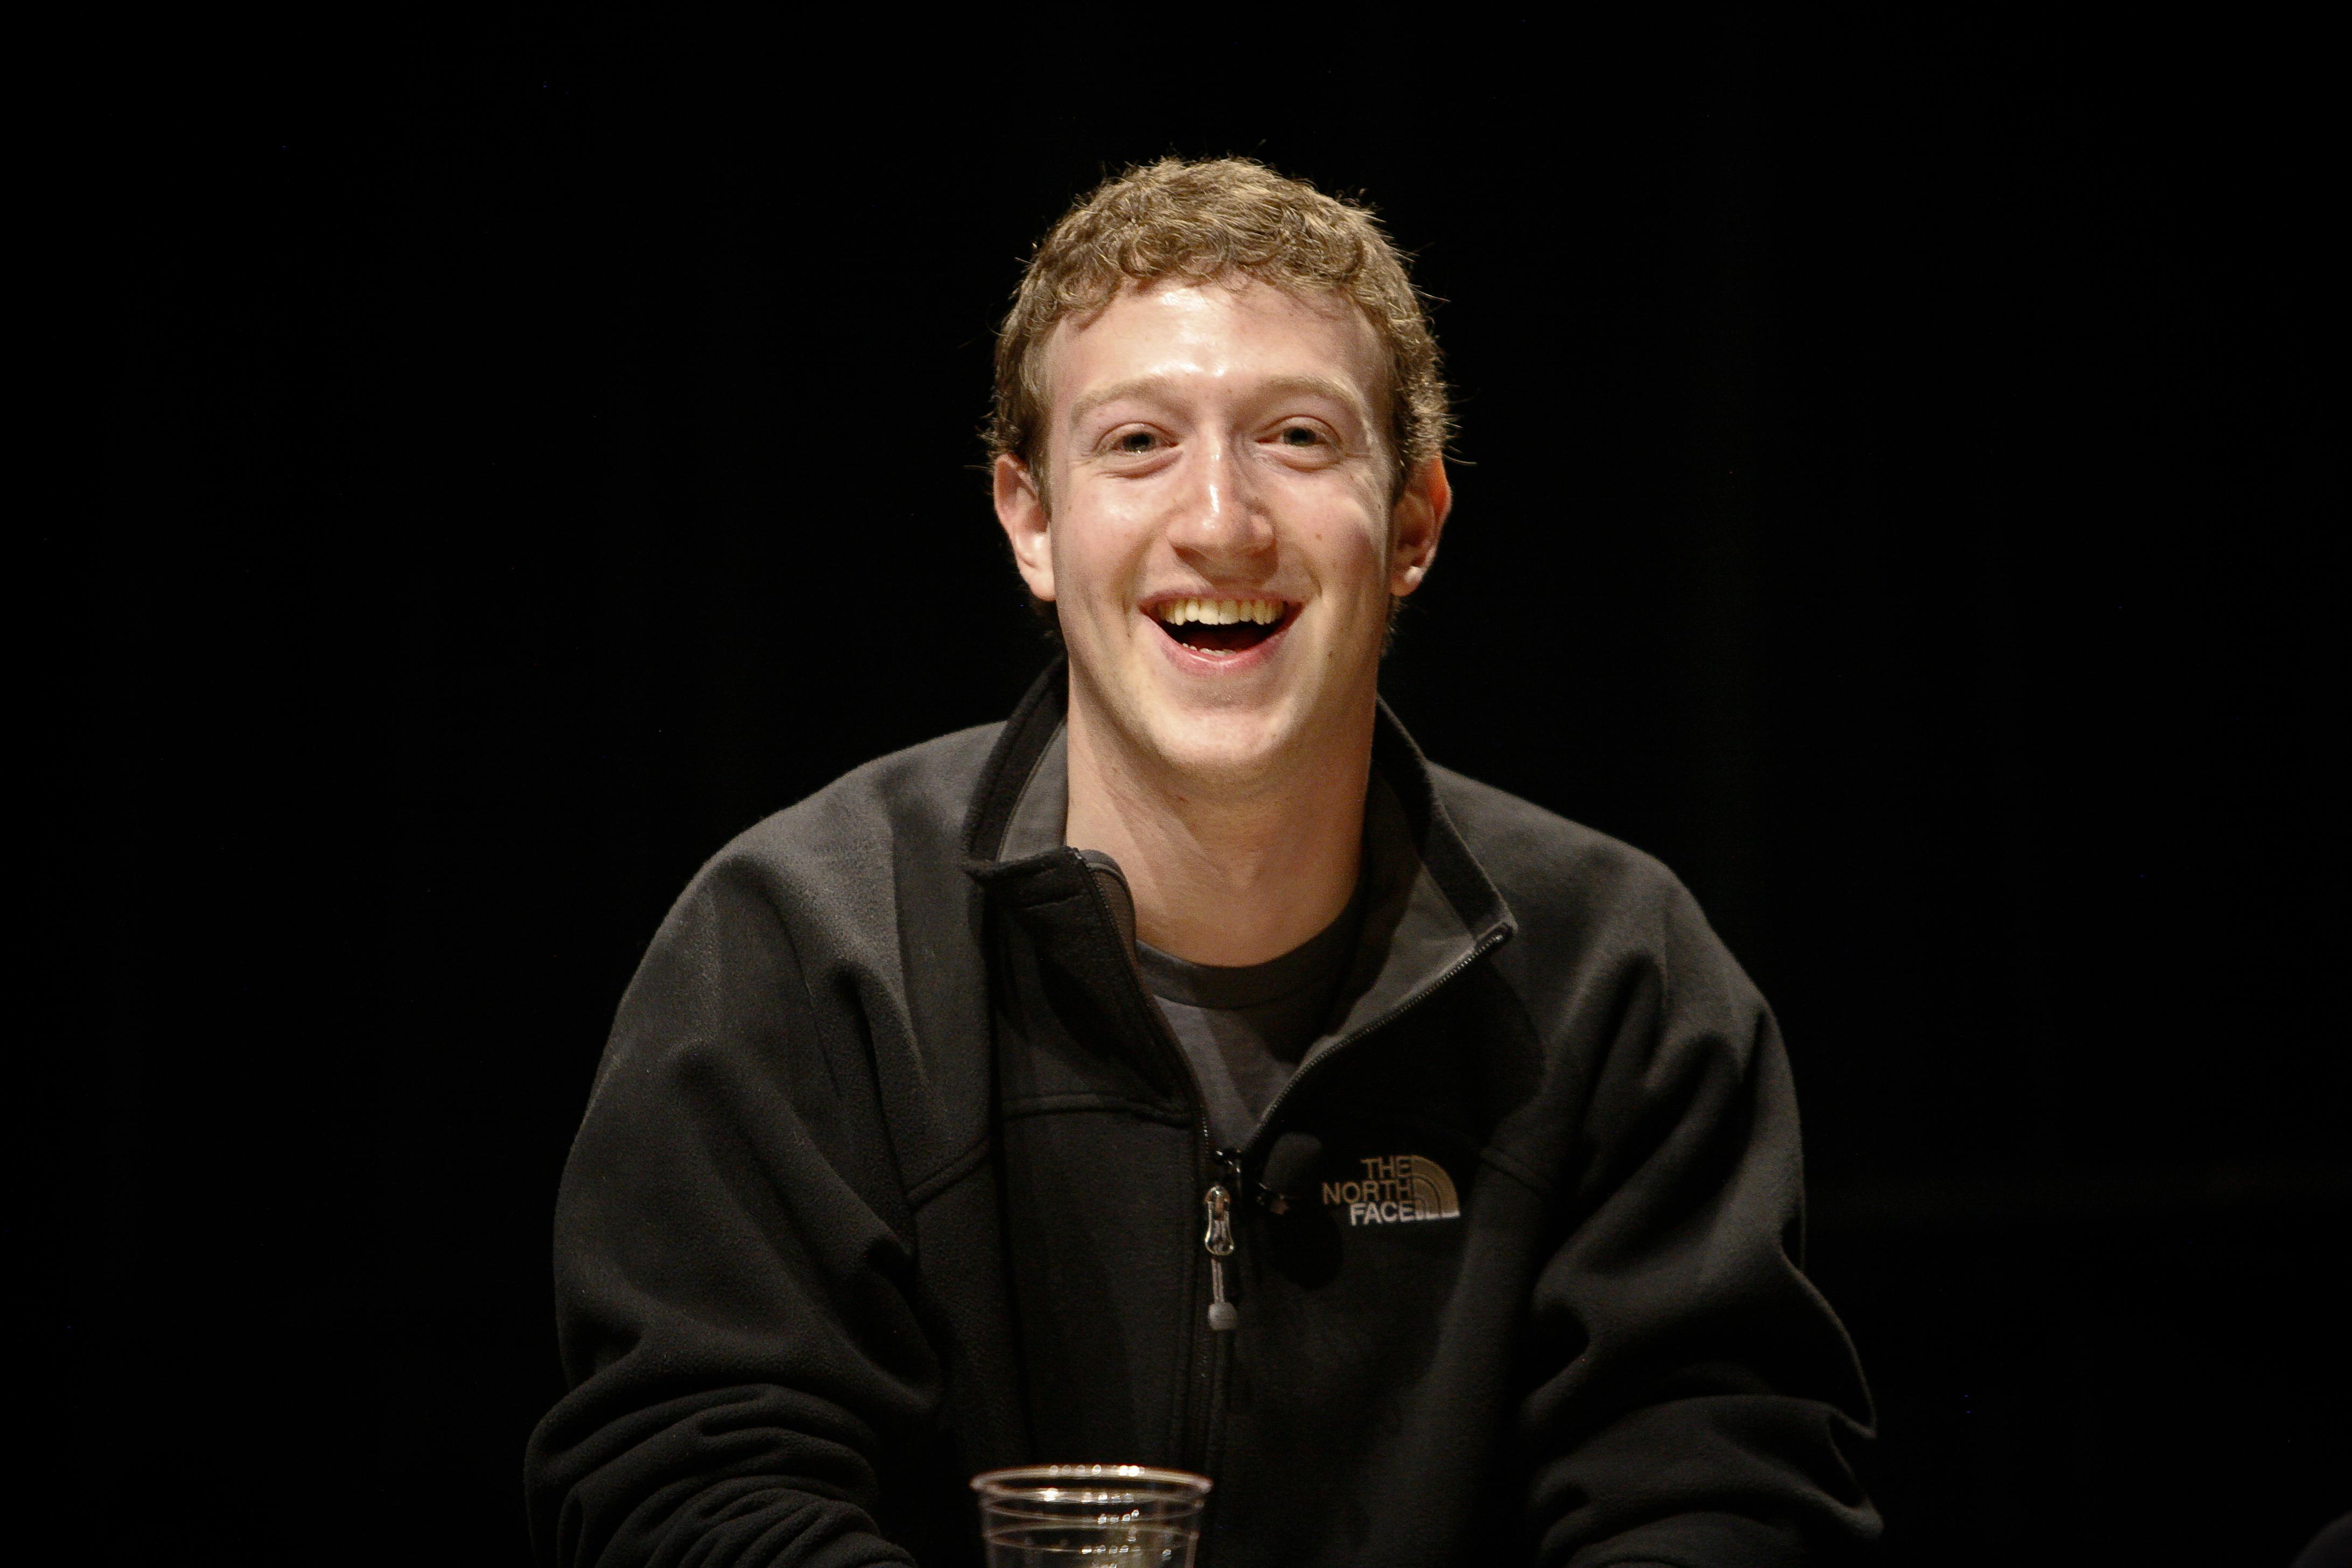 Mark Zuckerberg Widescreen Wallpaper 59727 4368x2912px 4368x2912